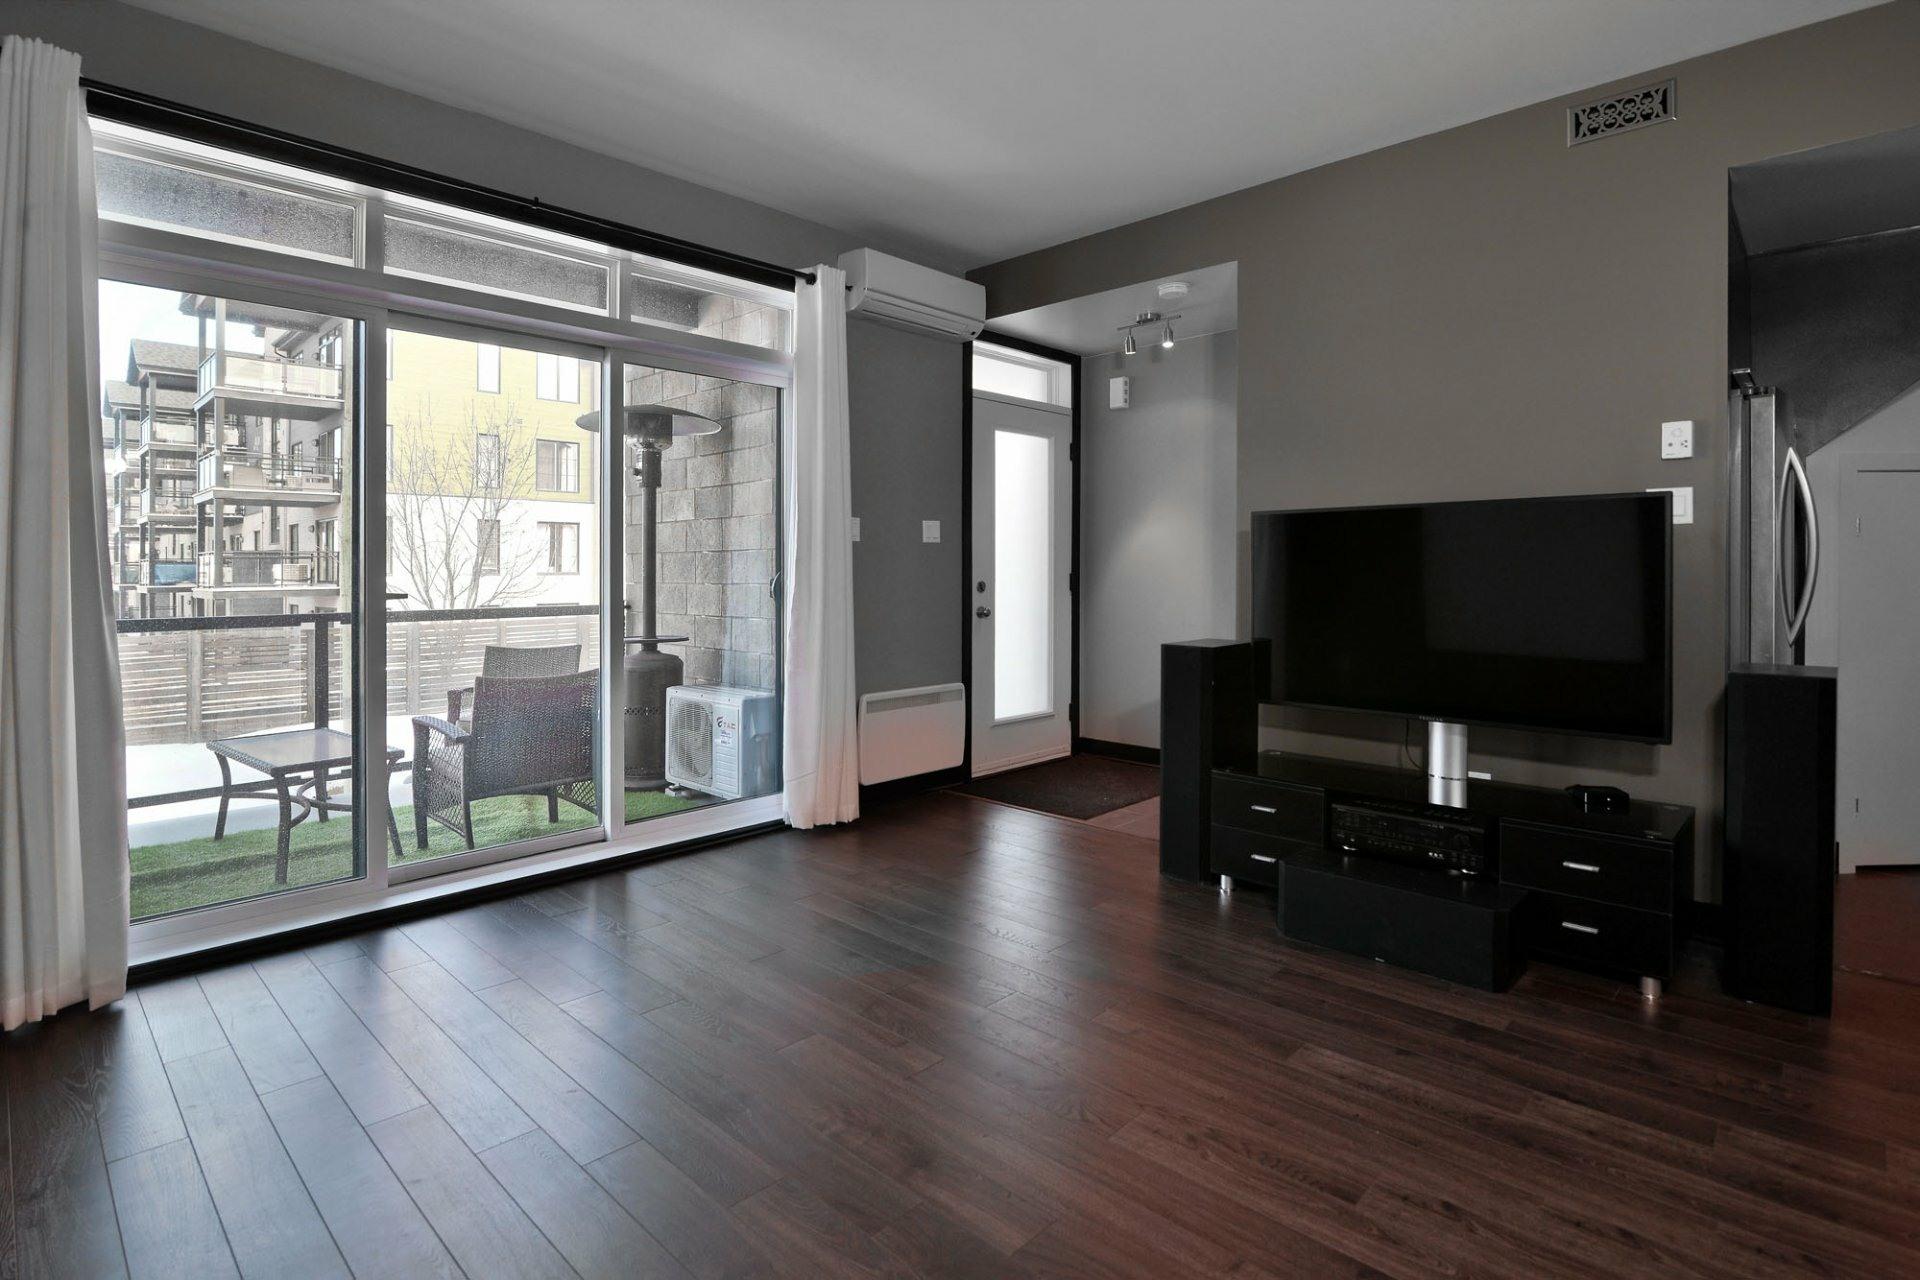 image 6 - Appartement À vendre Vaudreuil-Dorion - 6 pièces